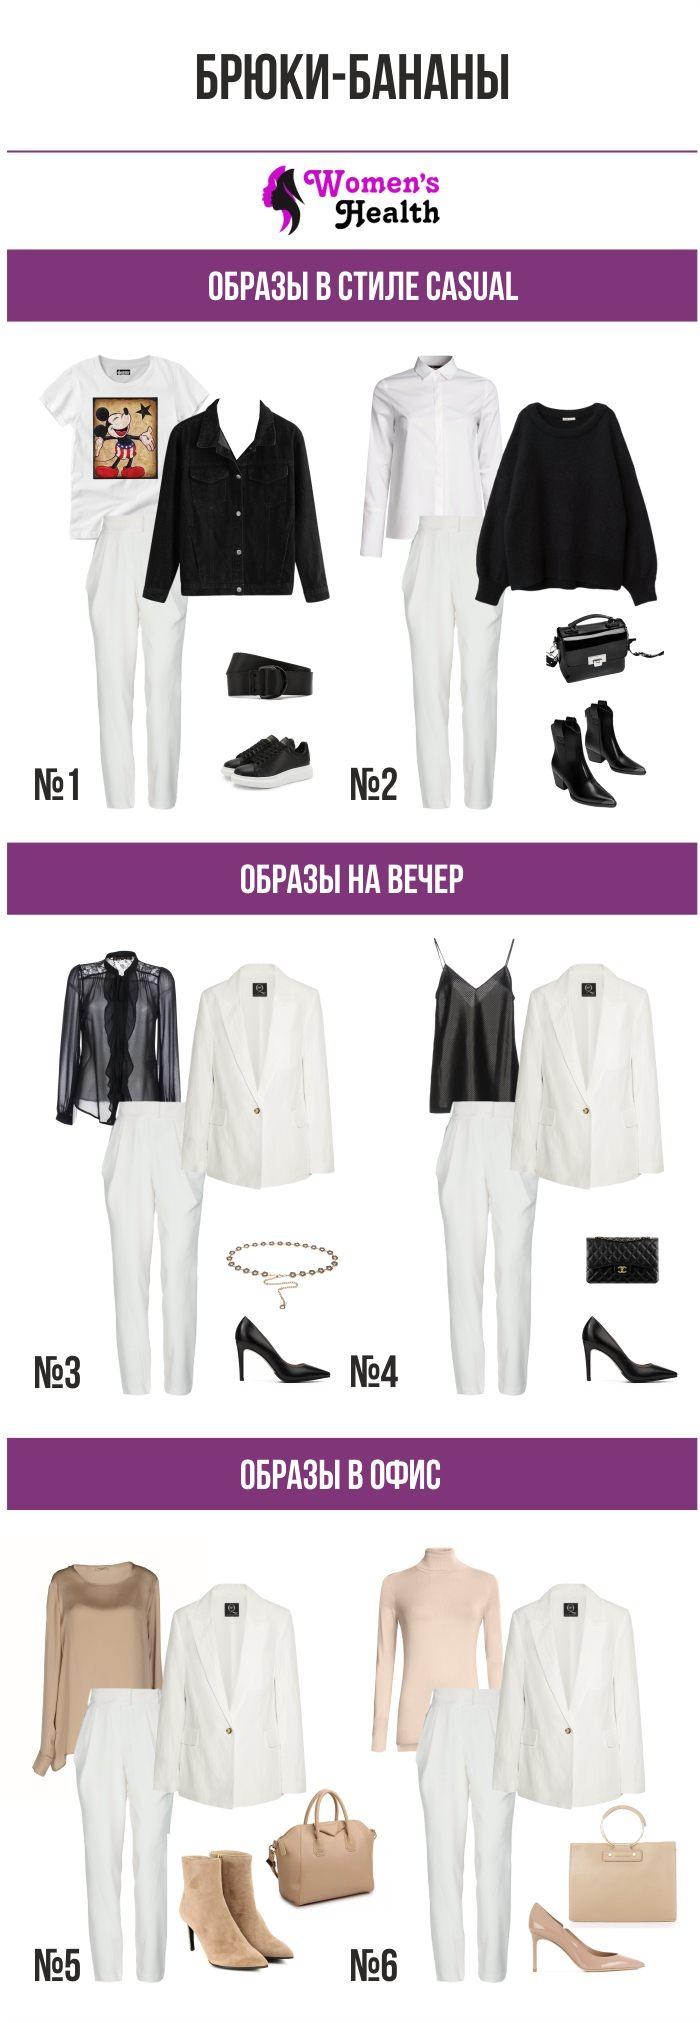 Инфоргафика: Что носить с брюками бананами. Составляем образы.